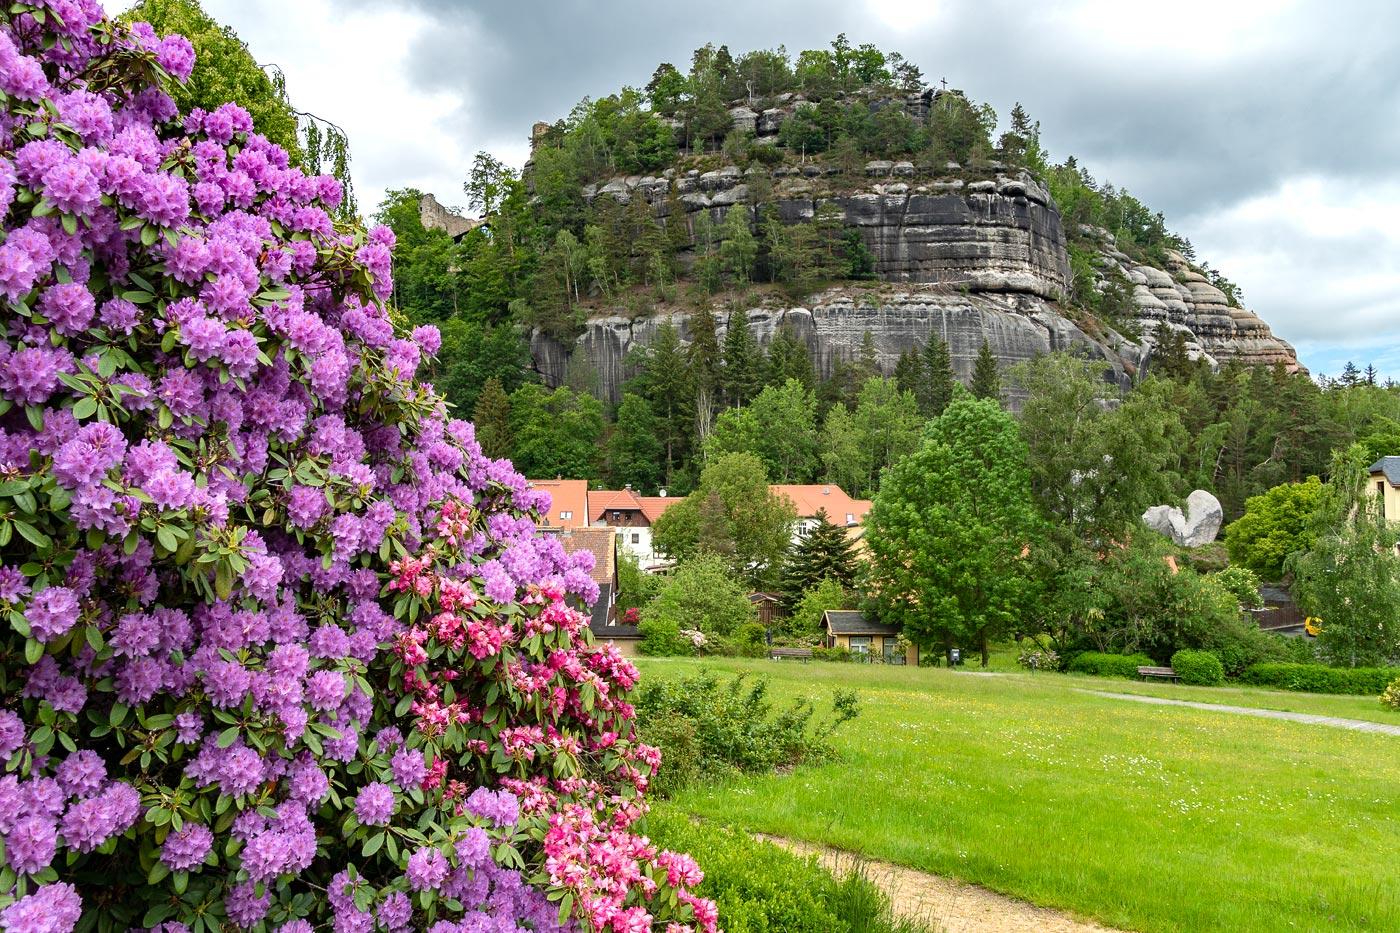 Цветущие рододендроны, Саксонский горный курорт Ойбин